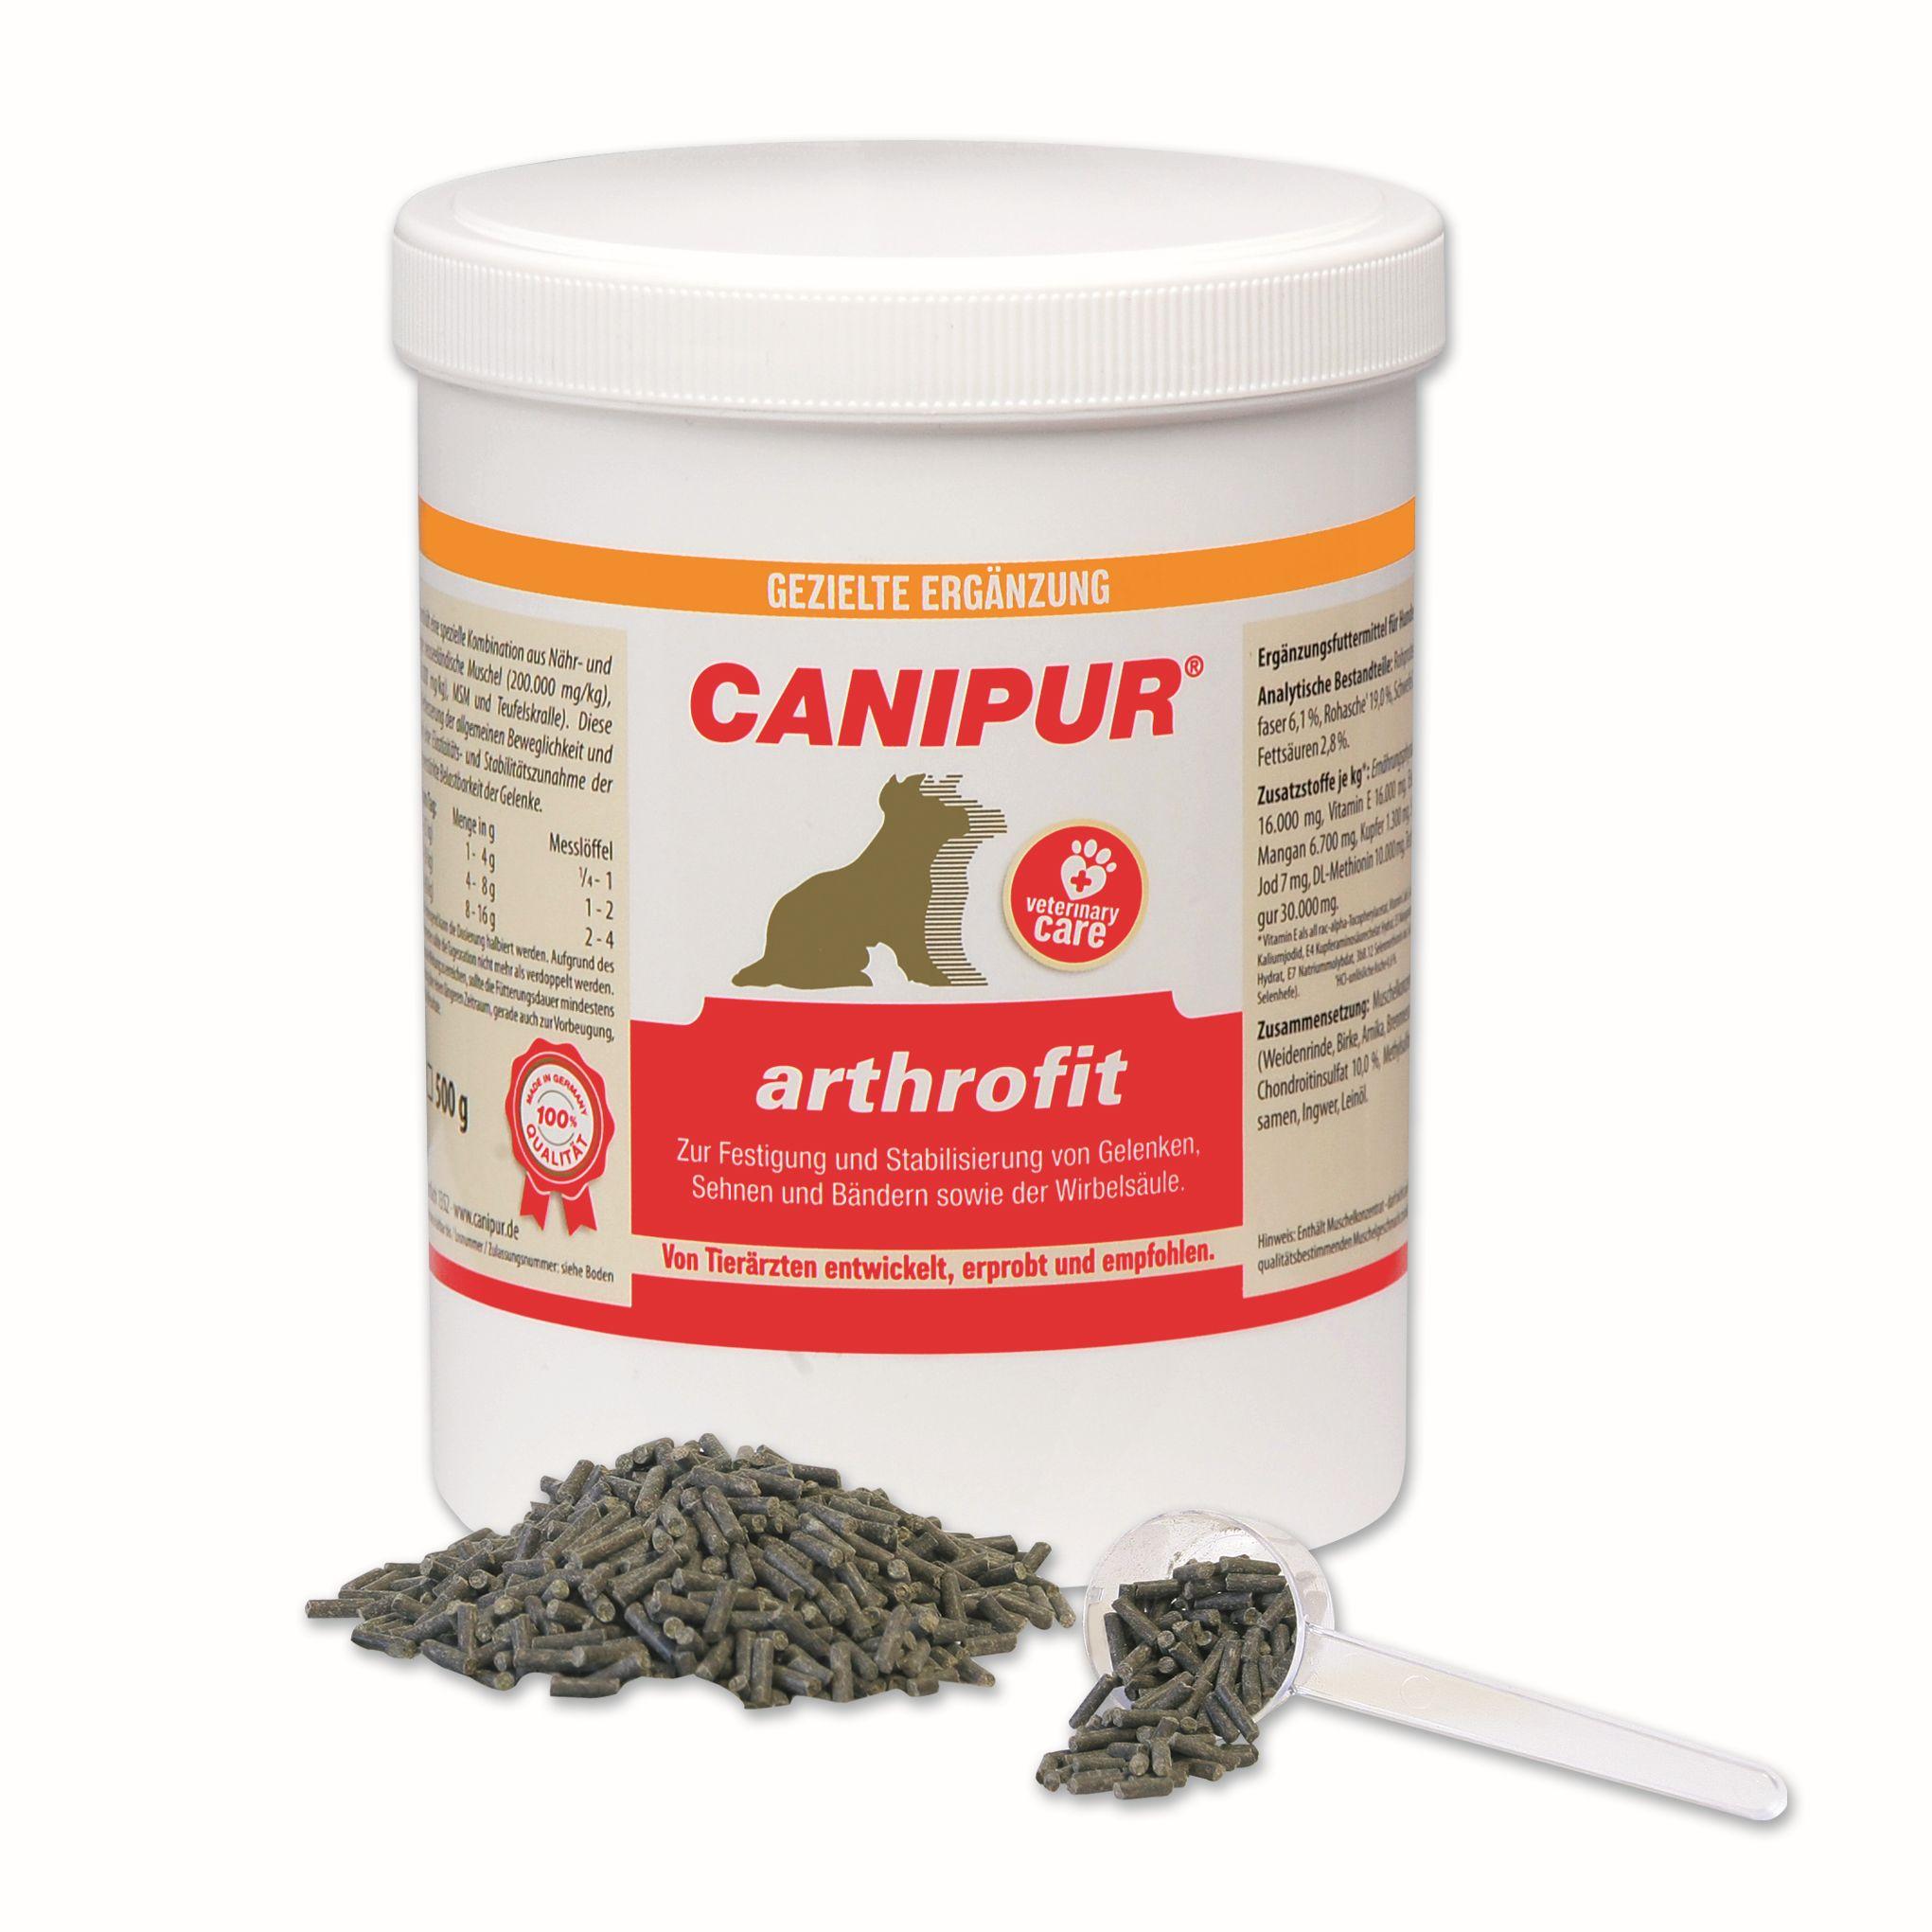 Vetripharm Canipur arthrofit 500 g